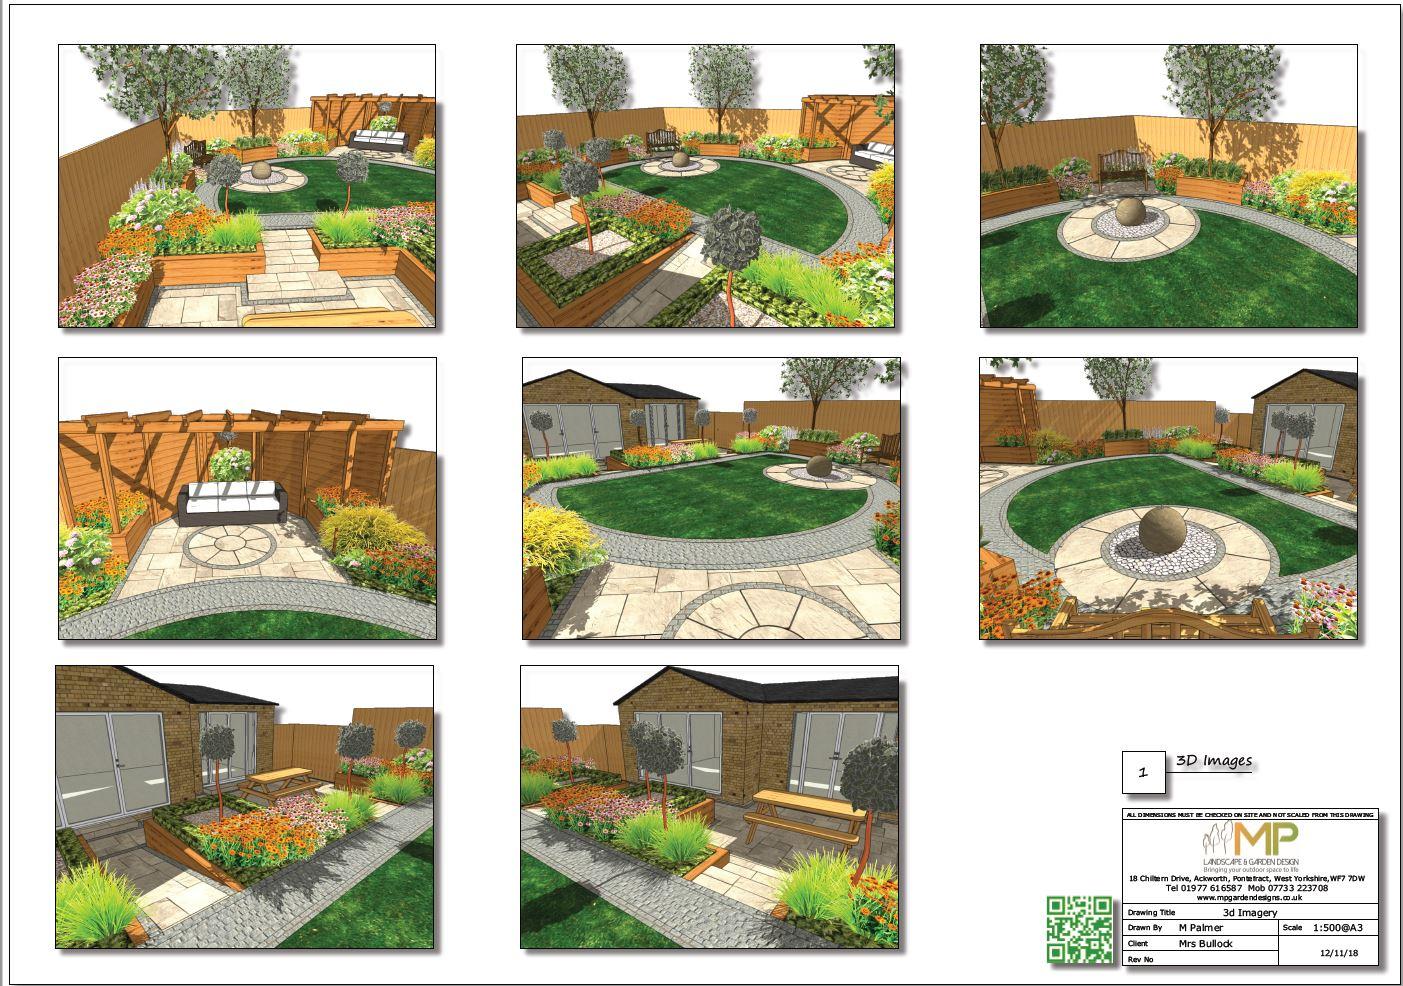 Garden design layout plan 3D for a rear garden in Mexborough.